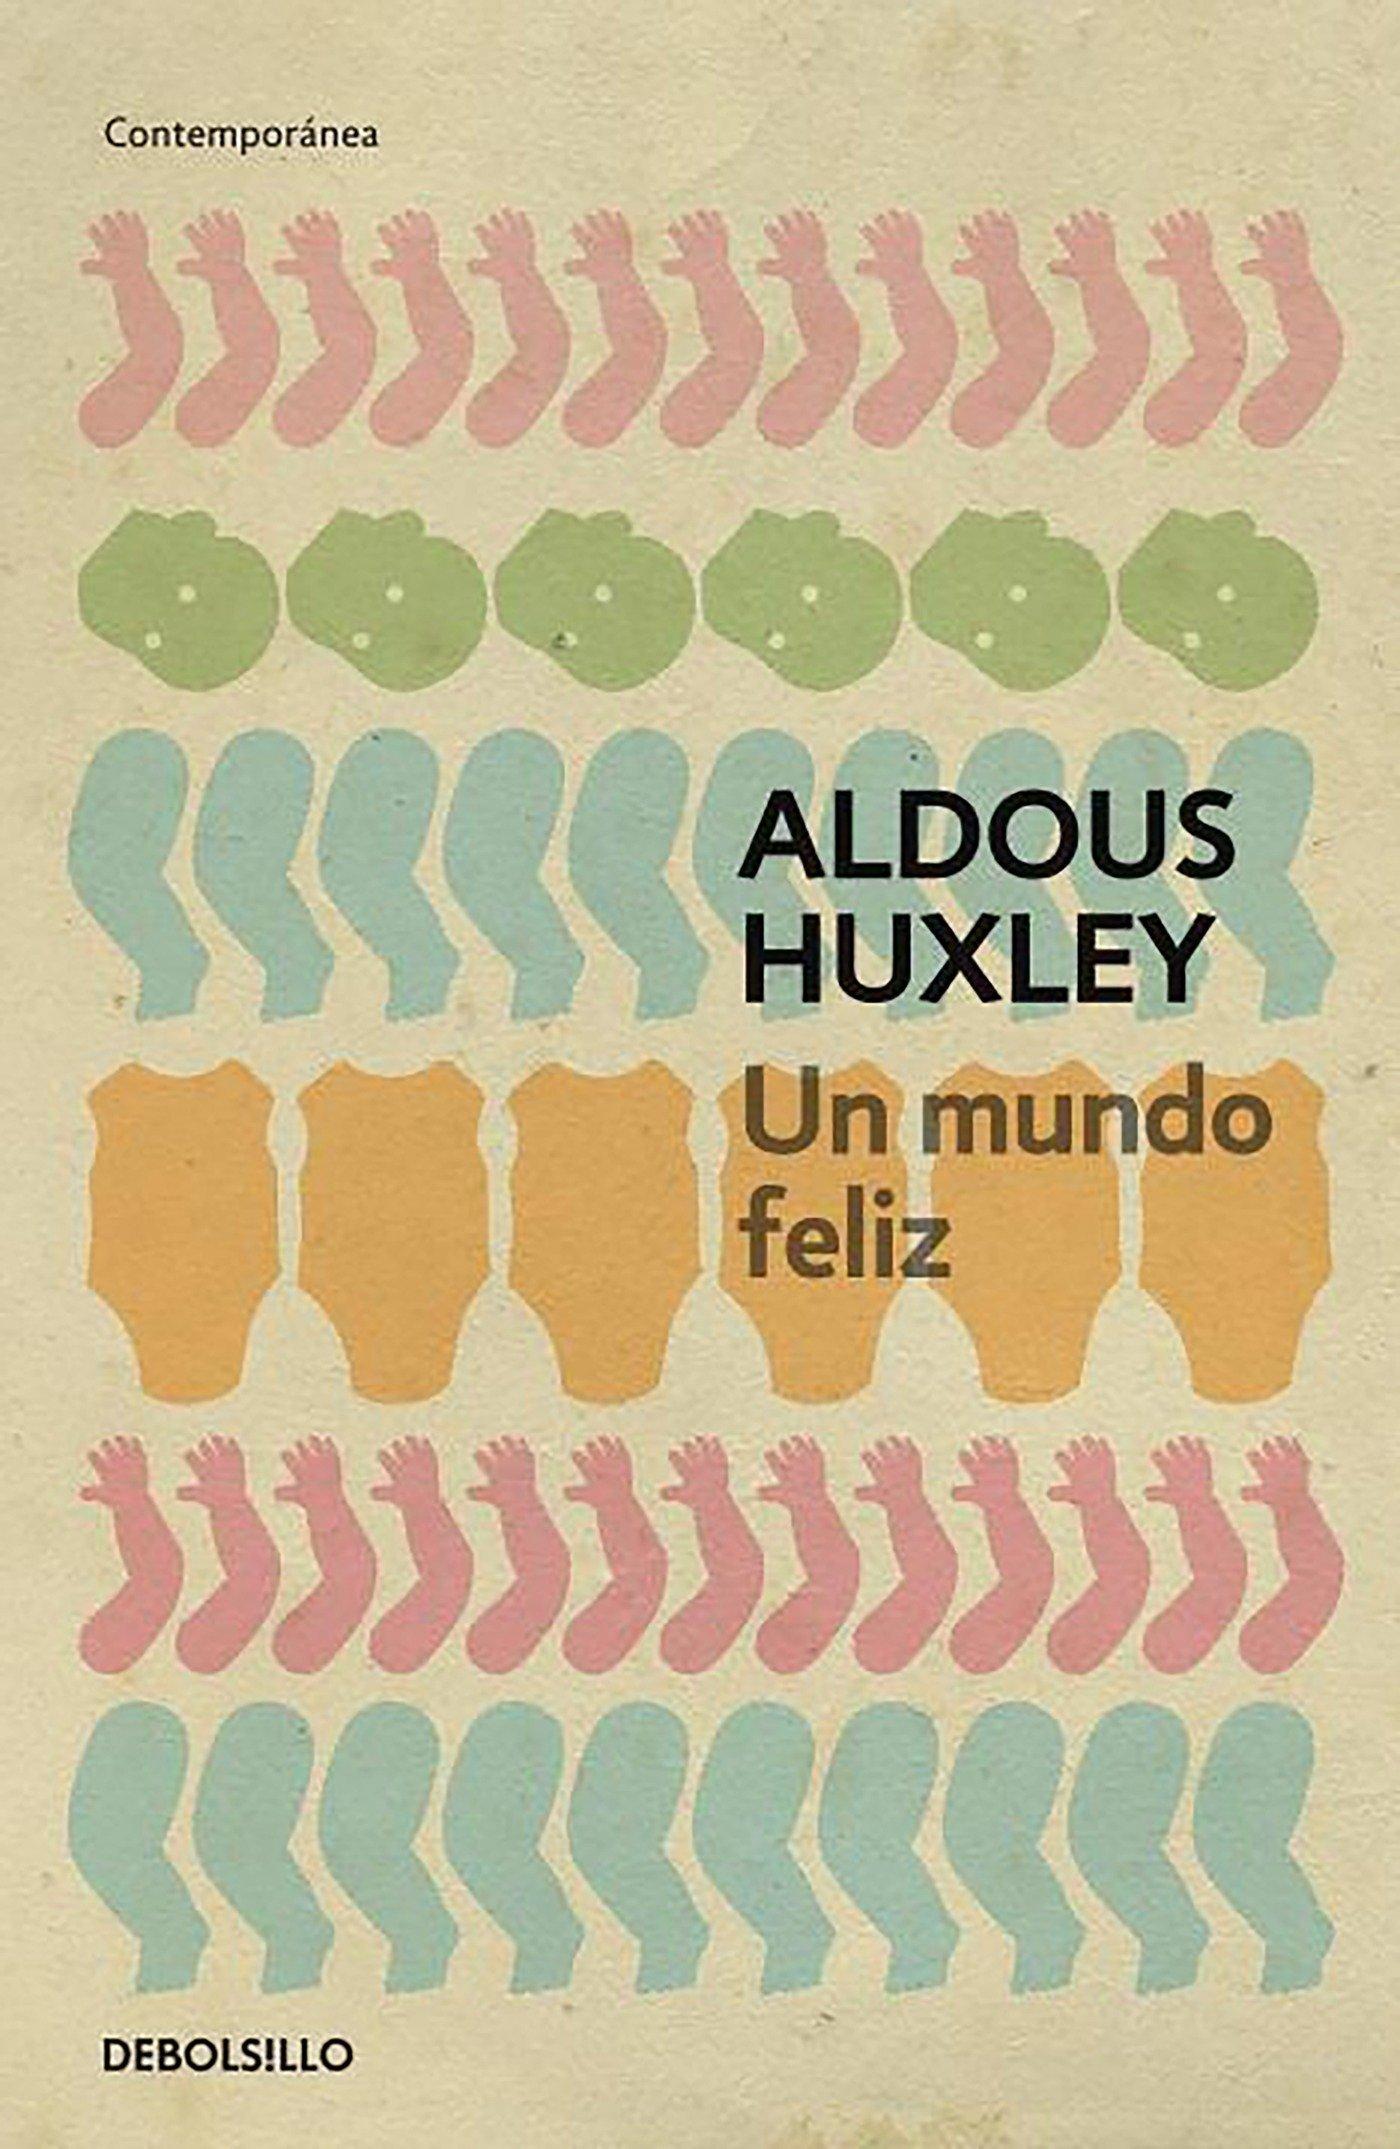 Un mundo feliz (CONTEMPORANEA) Tapa blanda – 23 abr 2014 Aldous Huxley Debolsillo 8497594258 Science Fiction - General